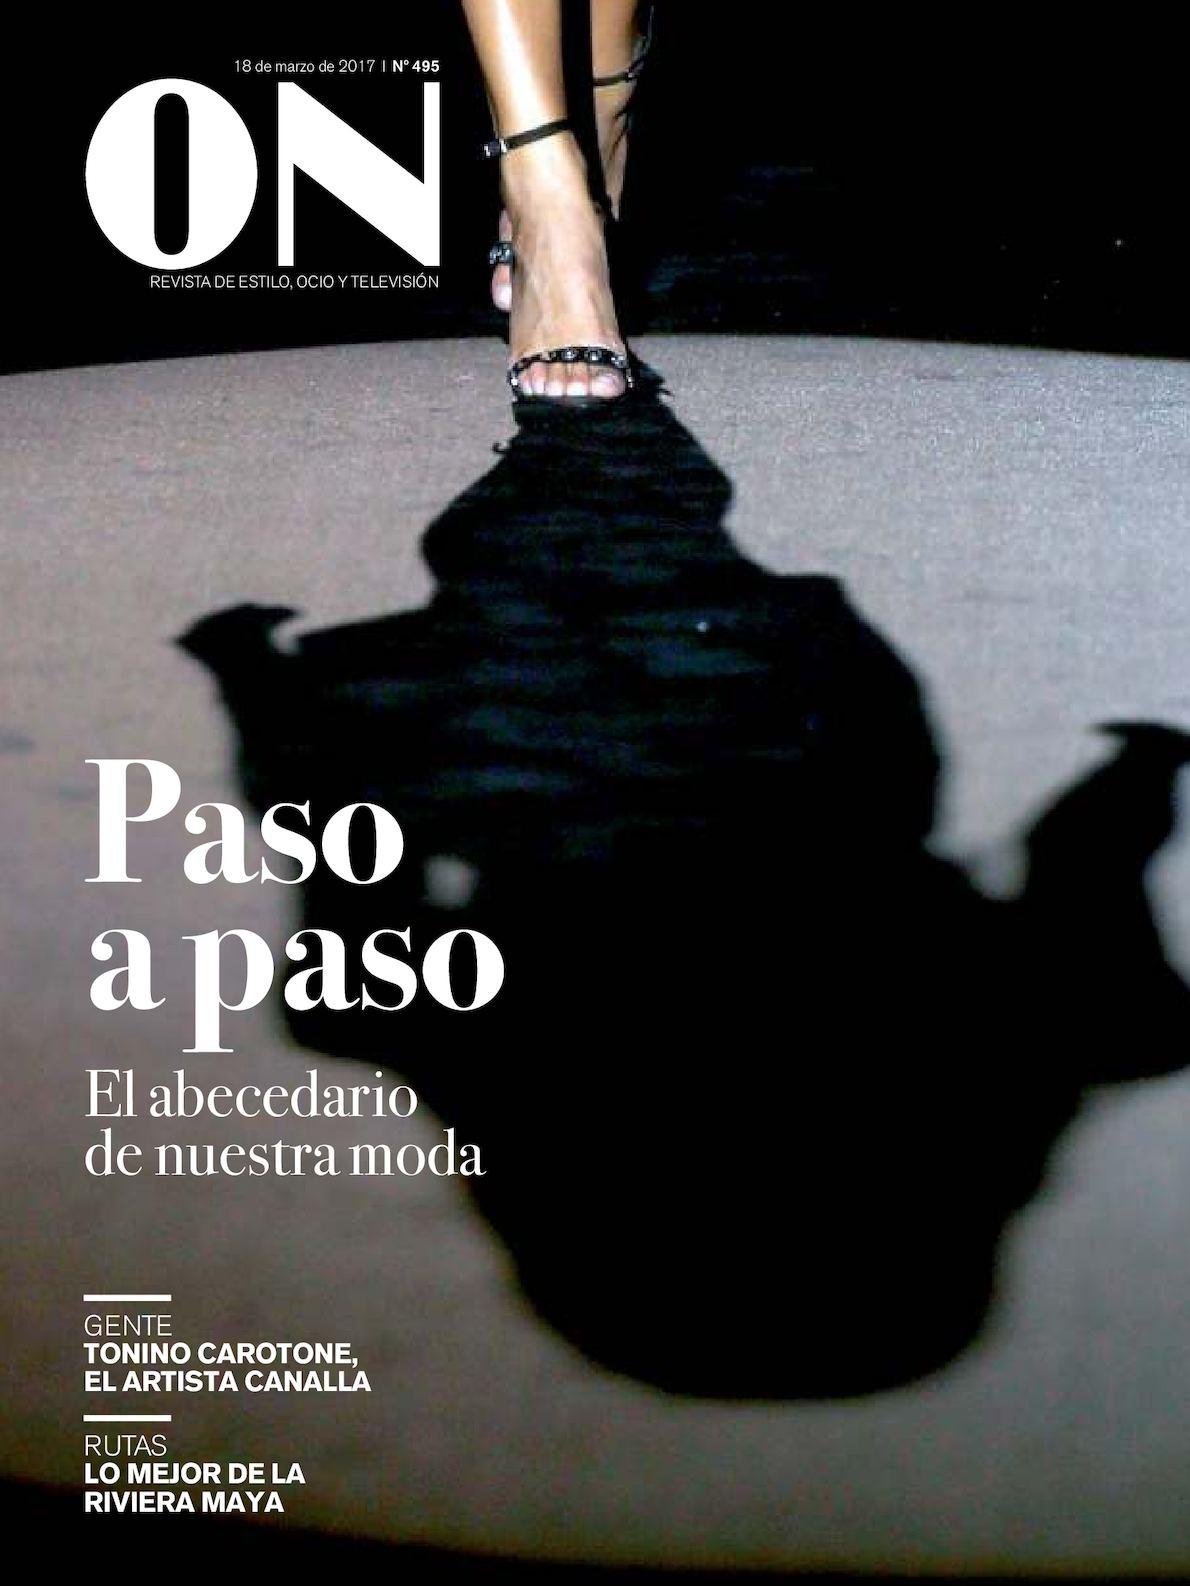 ON Revista de Ocio y Estilo 20170318